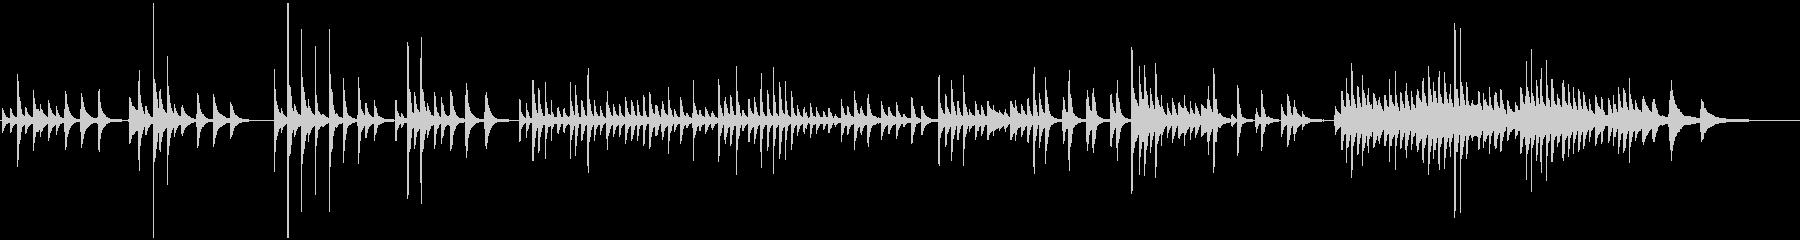 センチメンタルで緩やかなピアノバラードの未再生の波形